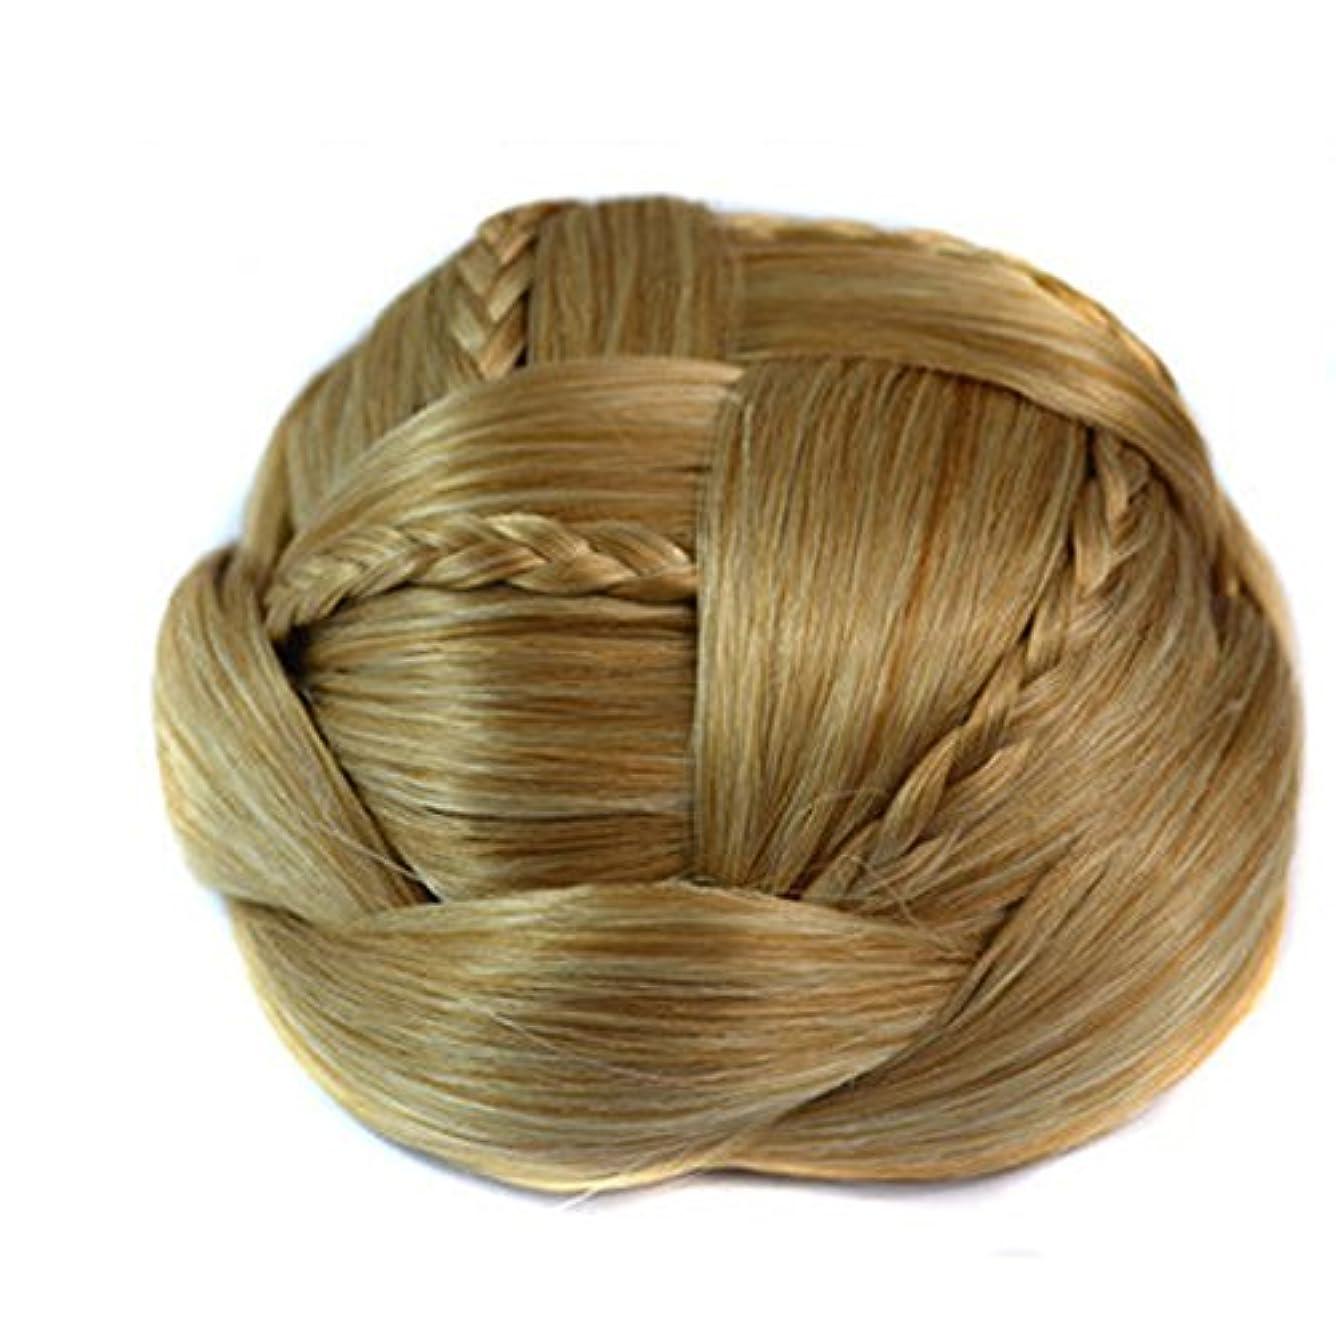 塗抹広まった有害Doyvanntgo ブライダルメイクアップエクステンションウィッグのボールヘッドクリップの自然なヘアブーンエクステンションレトロかつら (Color : Golden white)